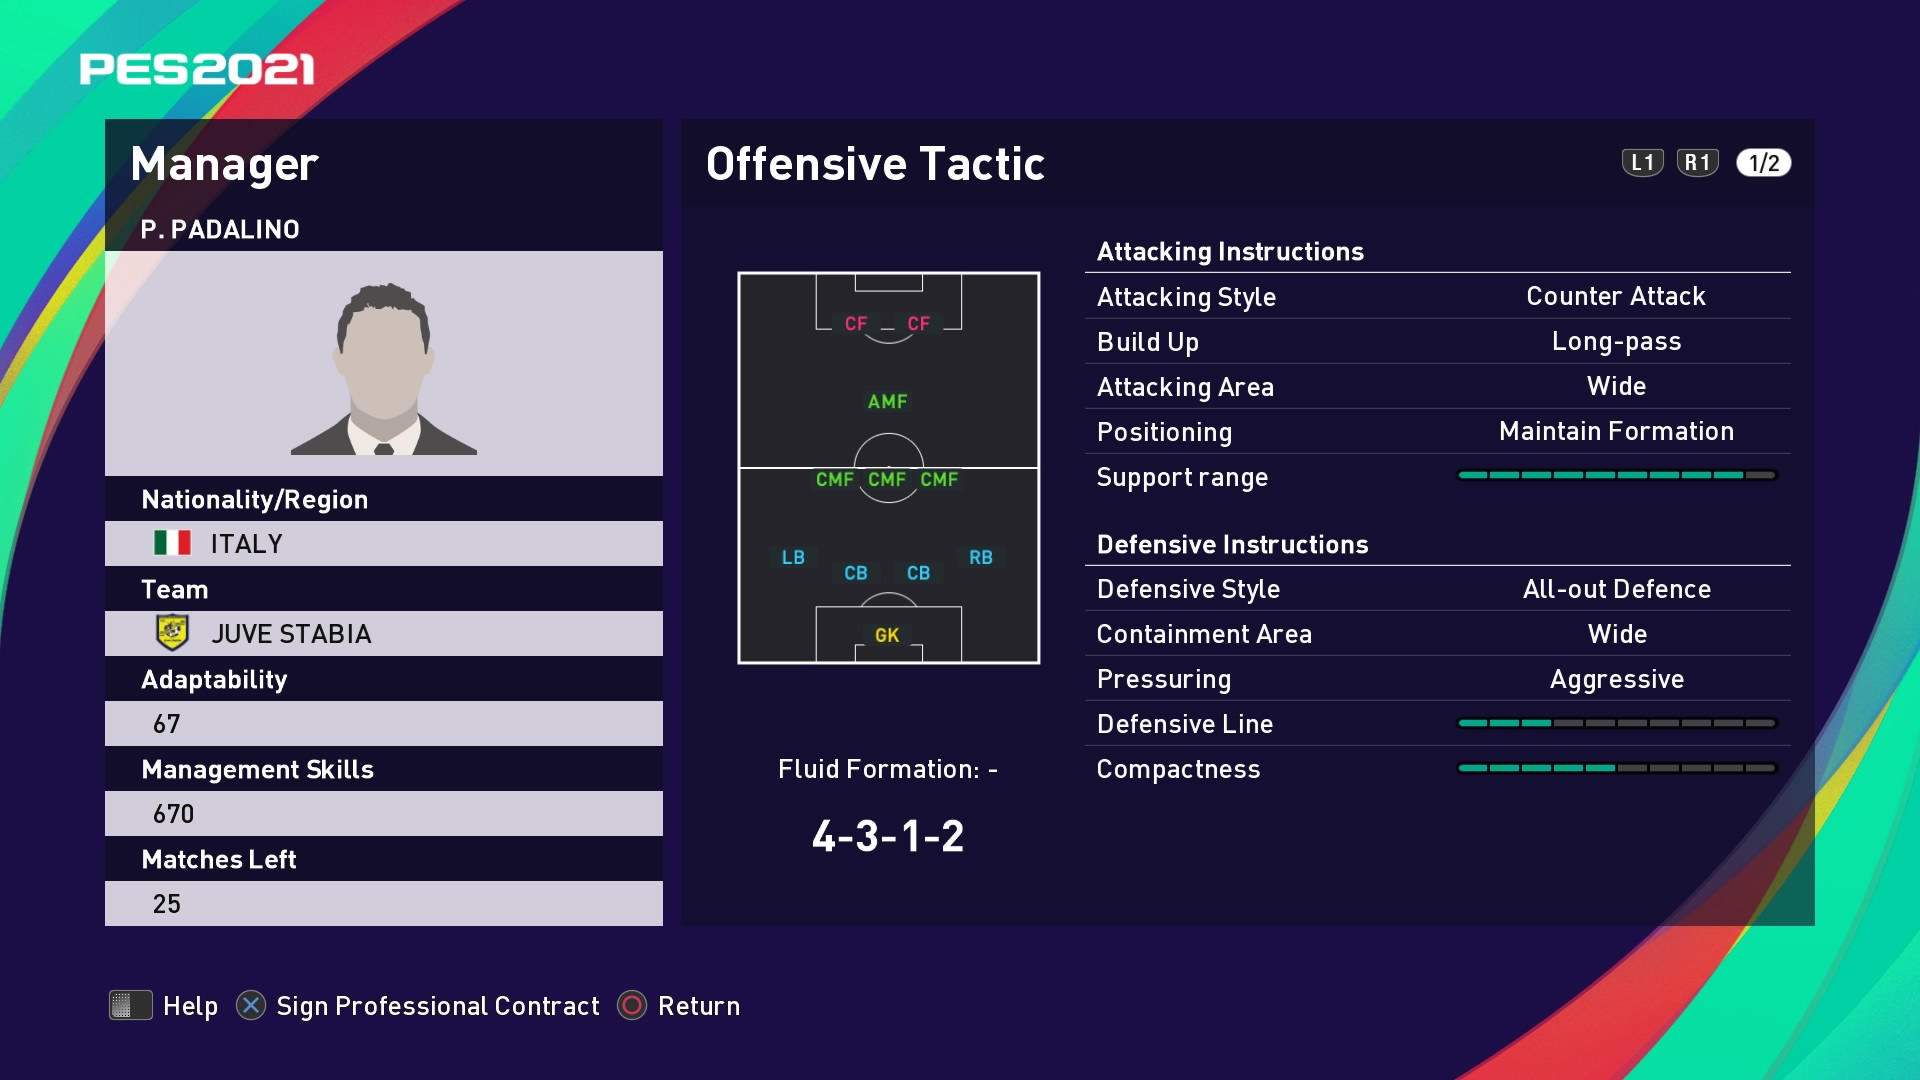 P. Padalino (Fabio Caserta) Offensive Tactic in PES 2021 myClub